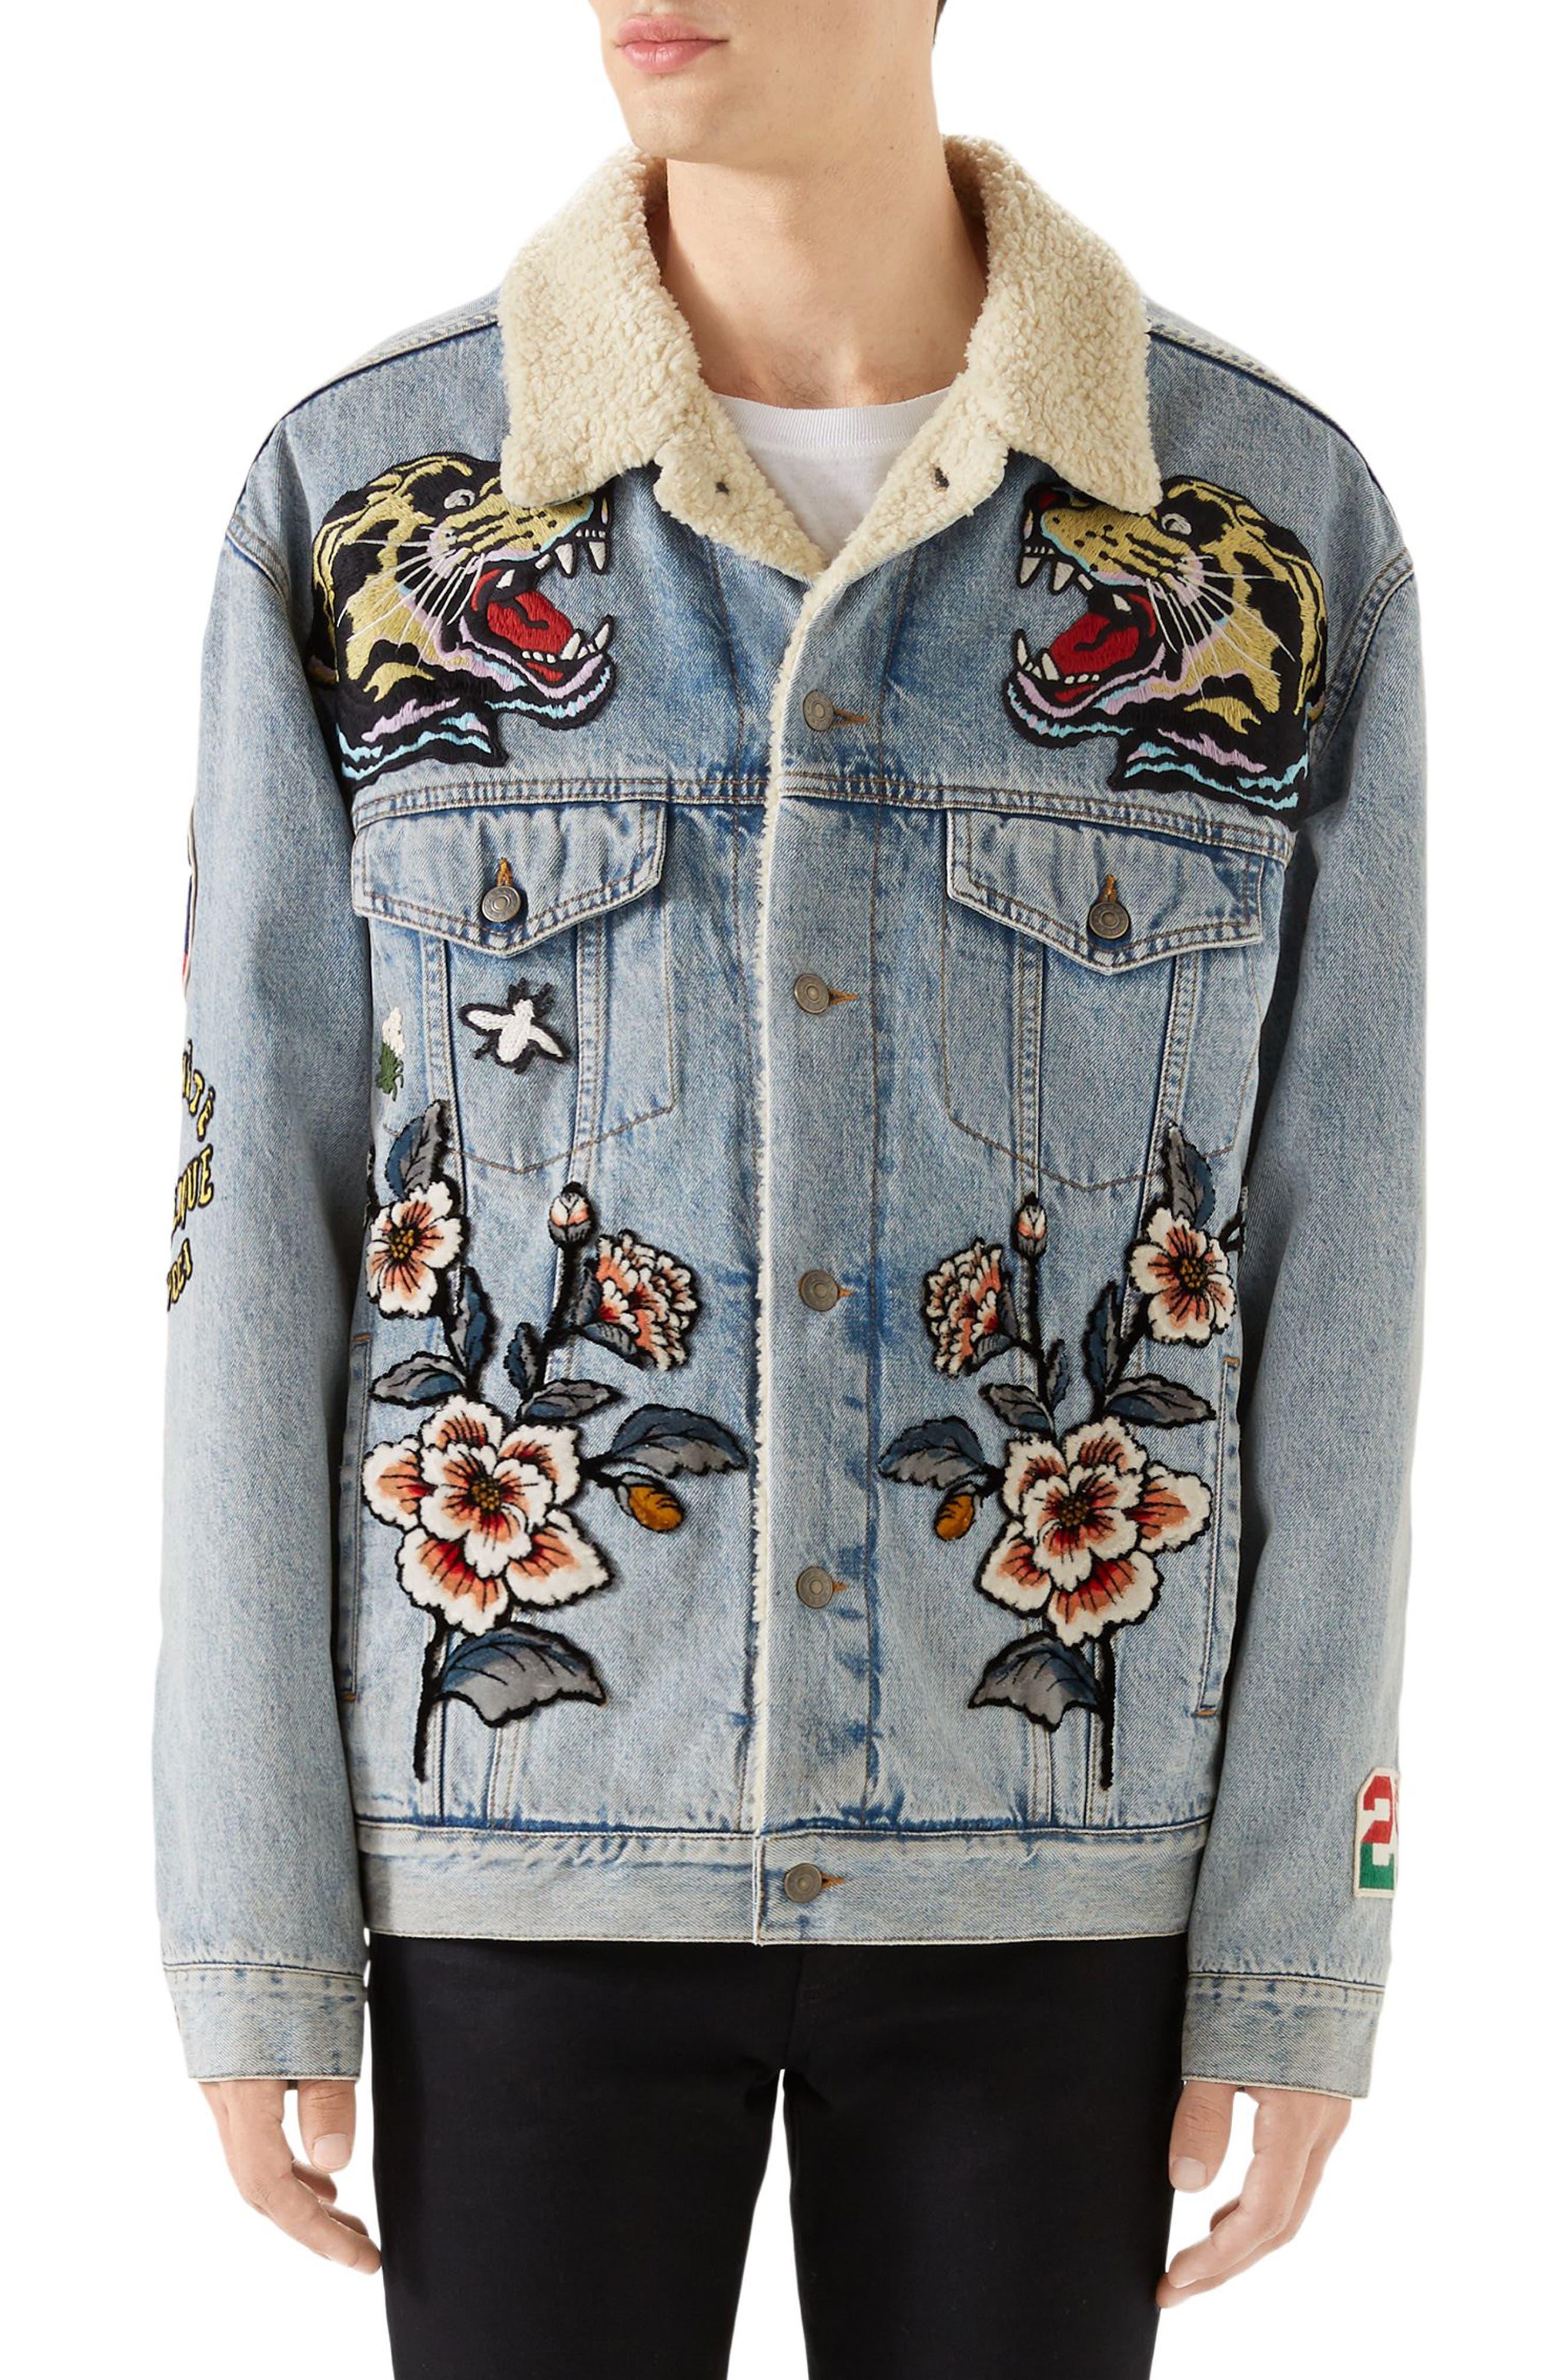 186e66bb2 gucci denim jackets coats & jackets for men - Buy best men's gucci denim  jackets coats & jackets on Cools.com Shop